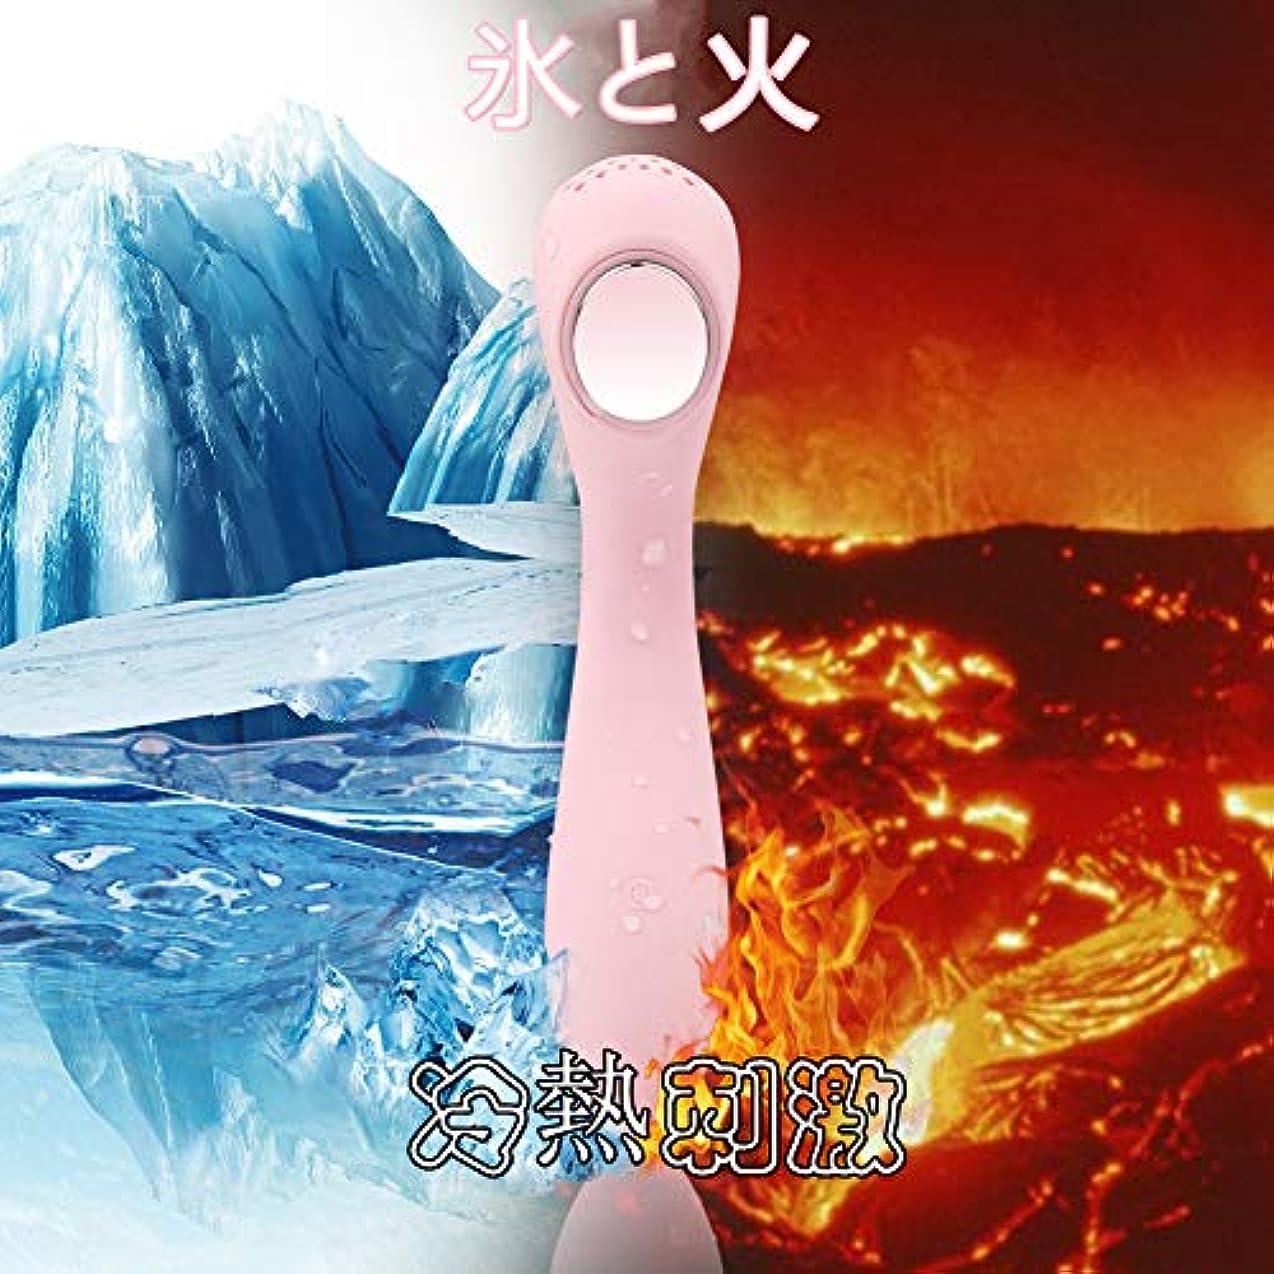 性的が欲しいホールドWimaha 氷と火 ハンディマッサージャー 3種類冷熱モード 3種振動頻度 電動マッサージャー 防水 静音 シリコン 1年保証付き